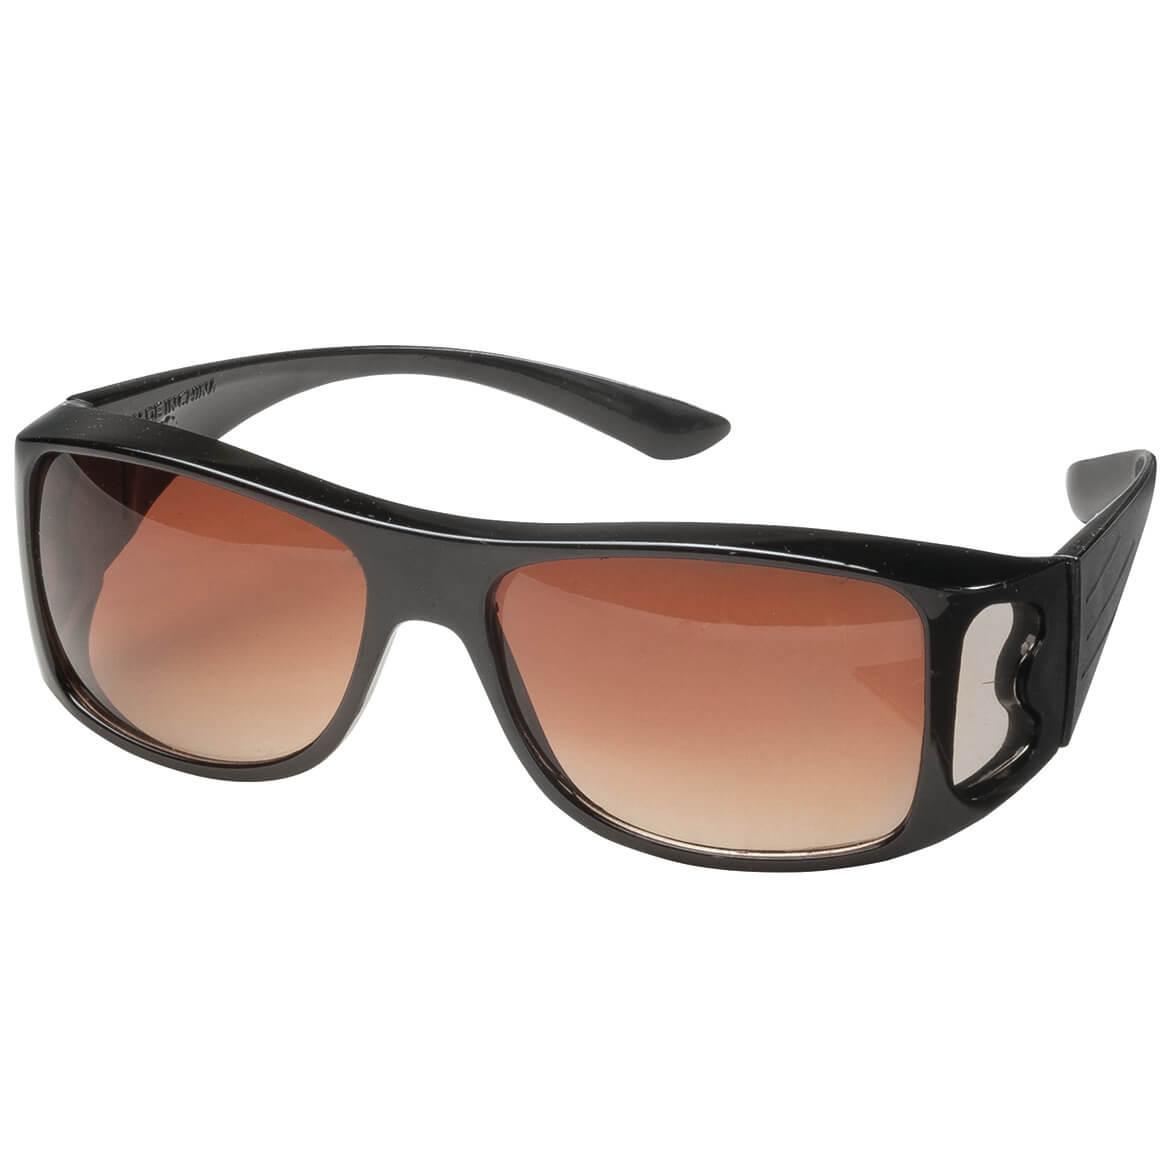 e94e19ce7c7 Clear View Wraparound Sunglasses - Polarized Sunglasses - Walter Drake